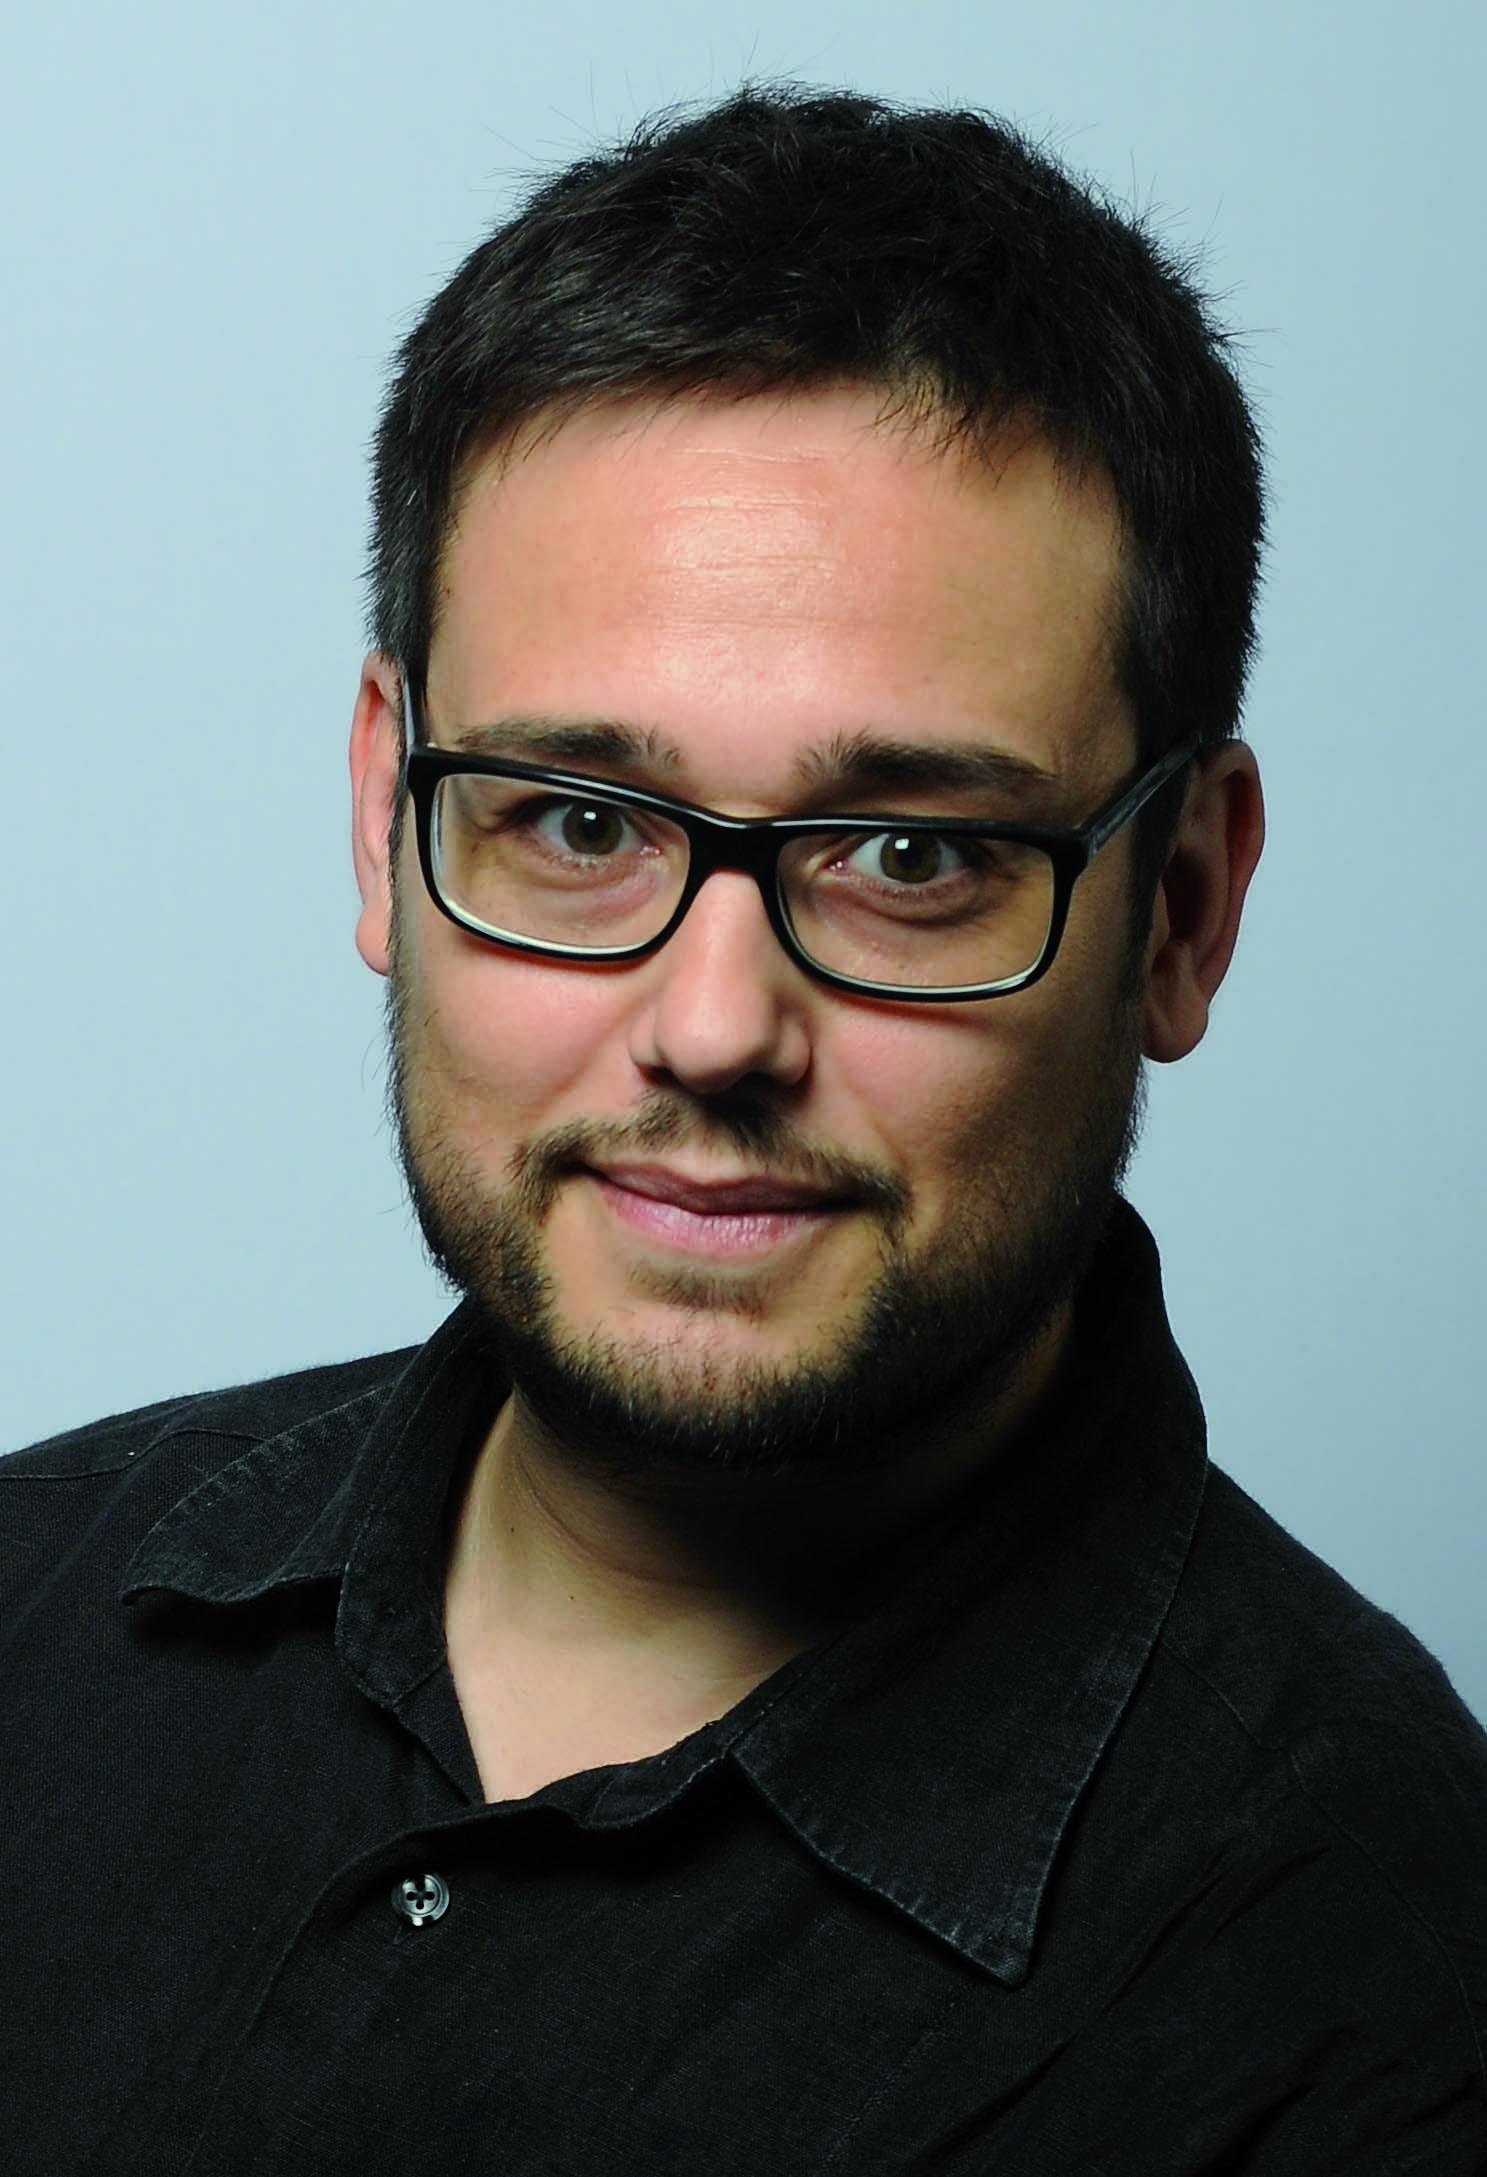 Foto del profesor Israel Rodríguez Giralt